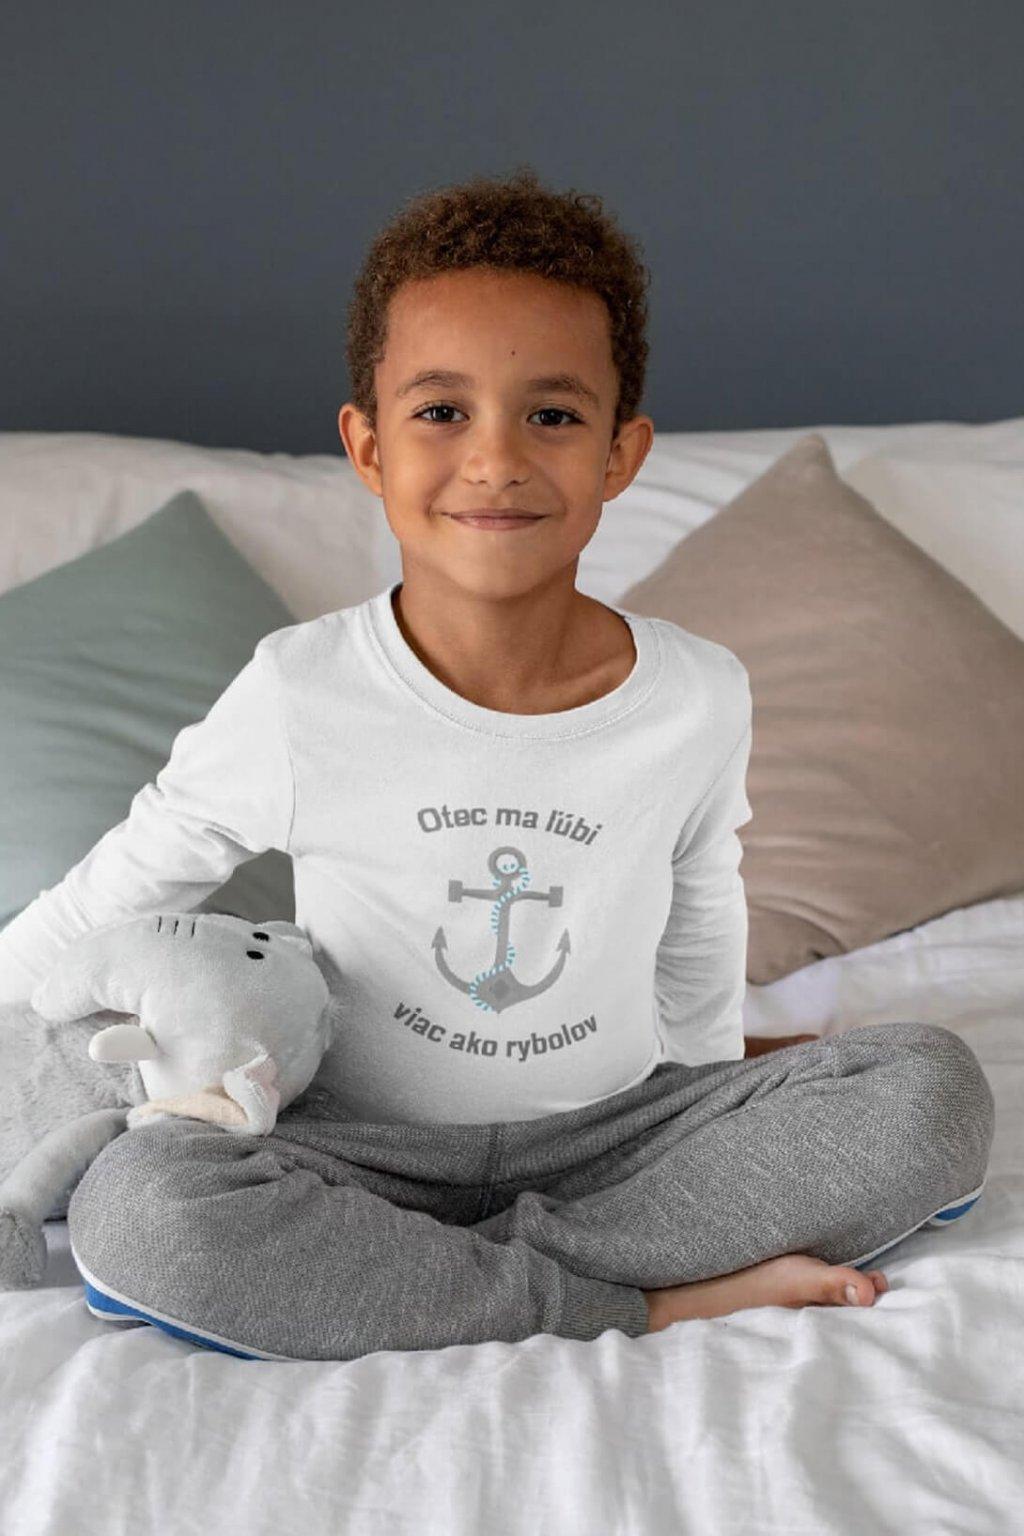 Detské tričko s dlhým rukávom Otec vs rybolov